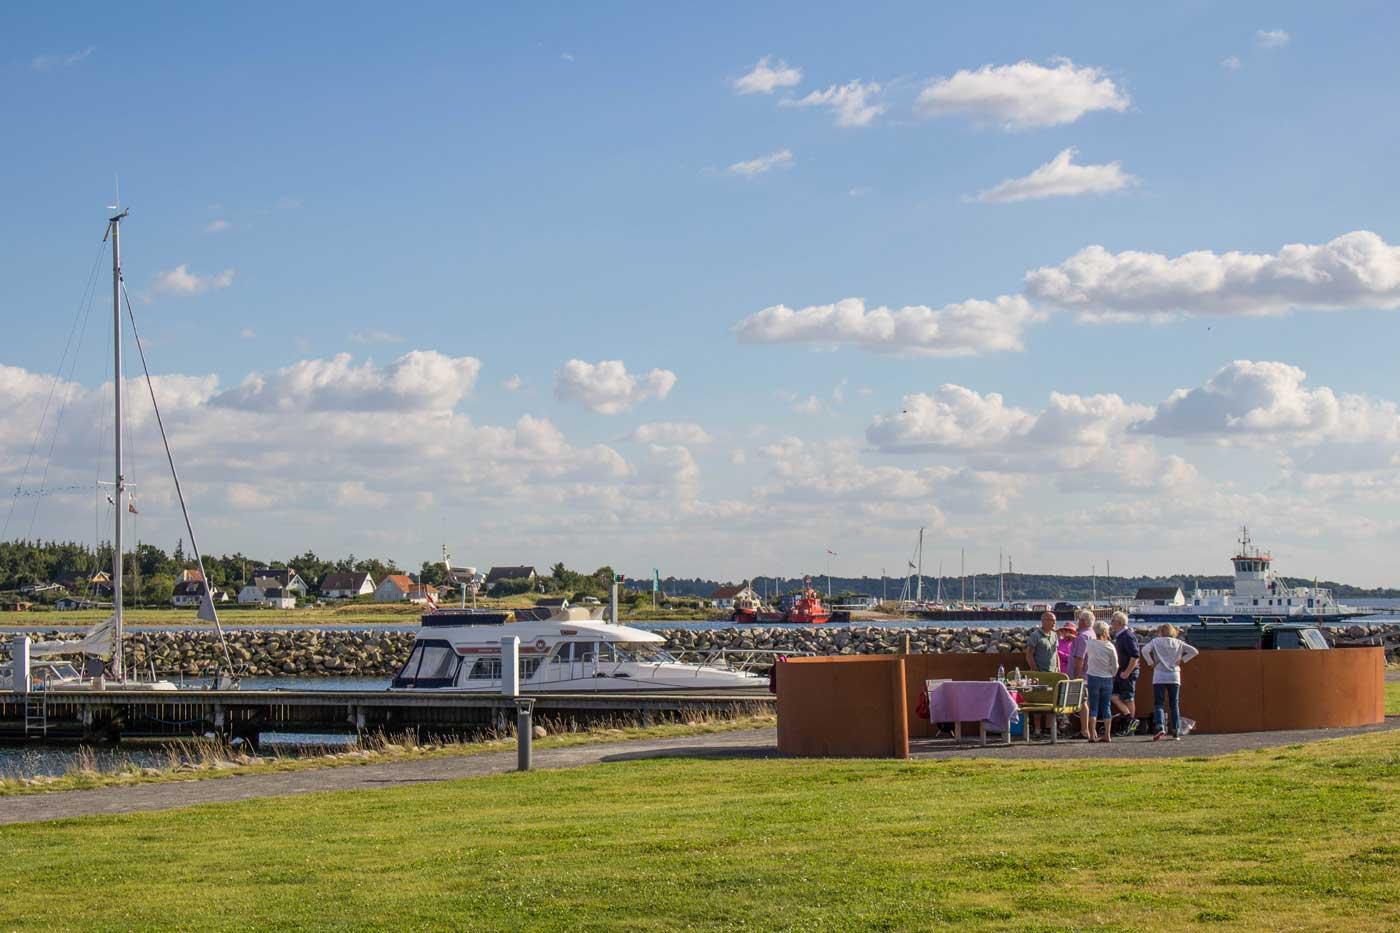 Ved havnen i Udbyhøj kan man sidde og få et måltid ved et af de mange spiseborde